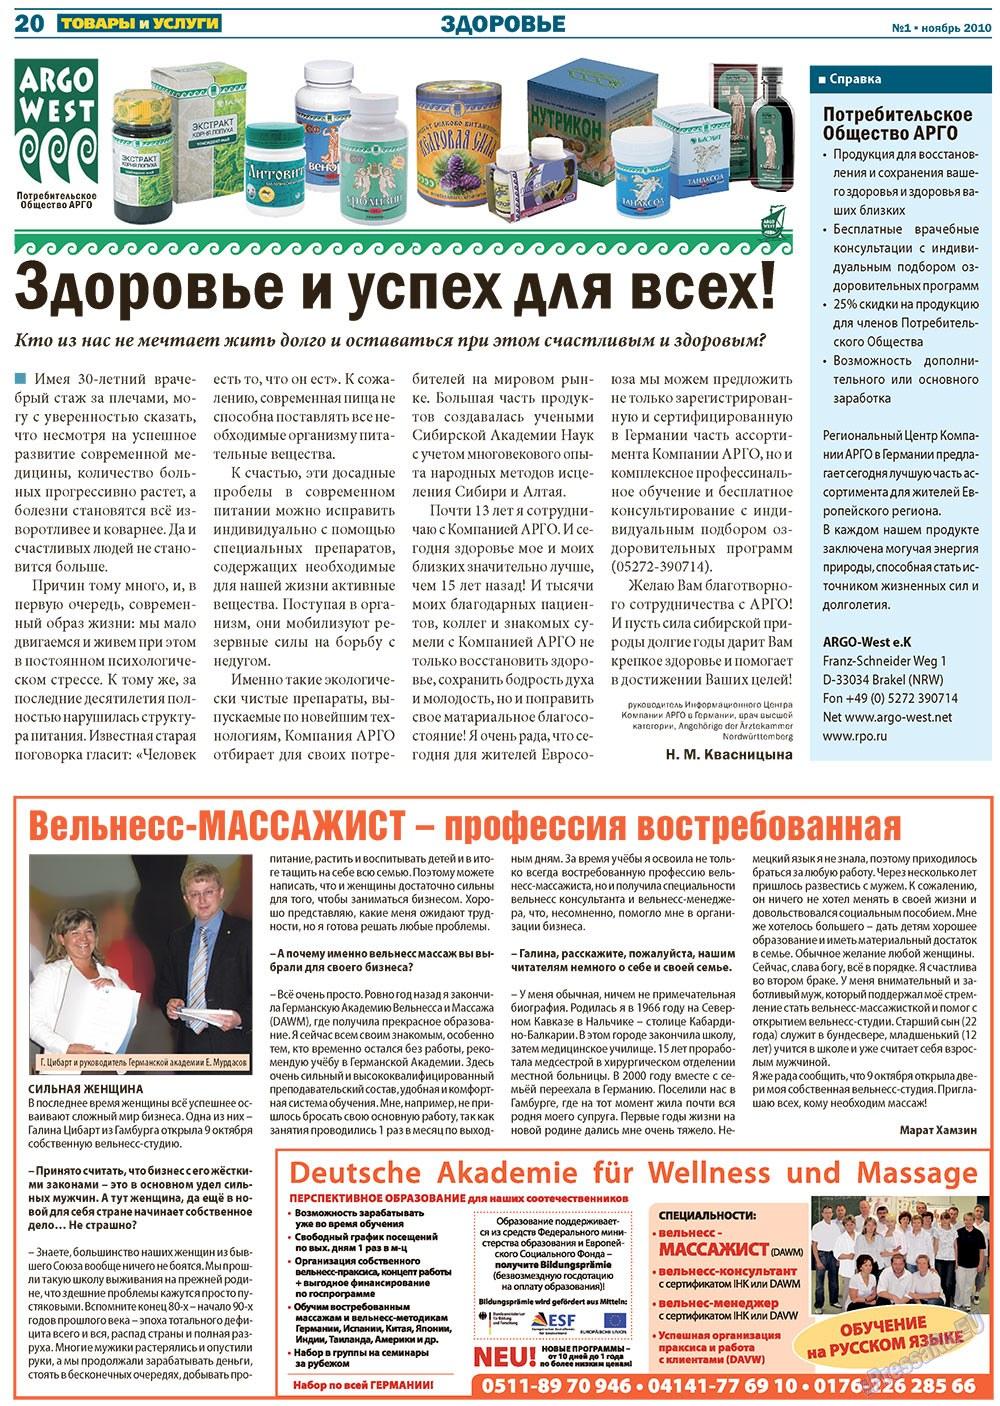 Товары и услуги (газета). 2010 год, номер 1, стр. 20